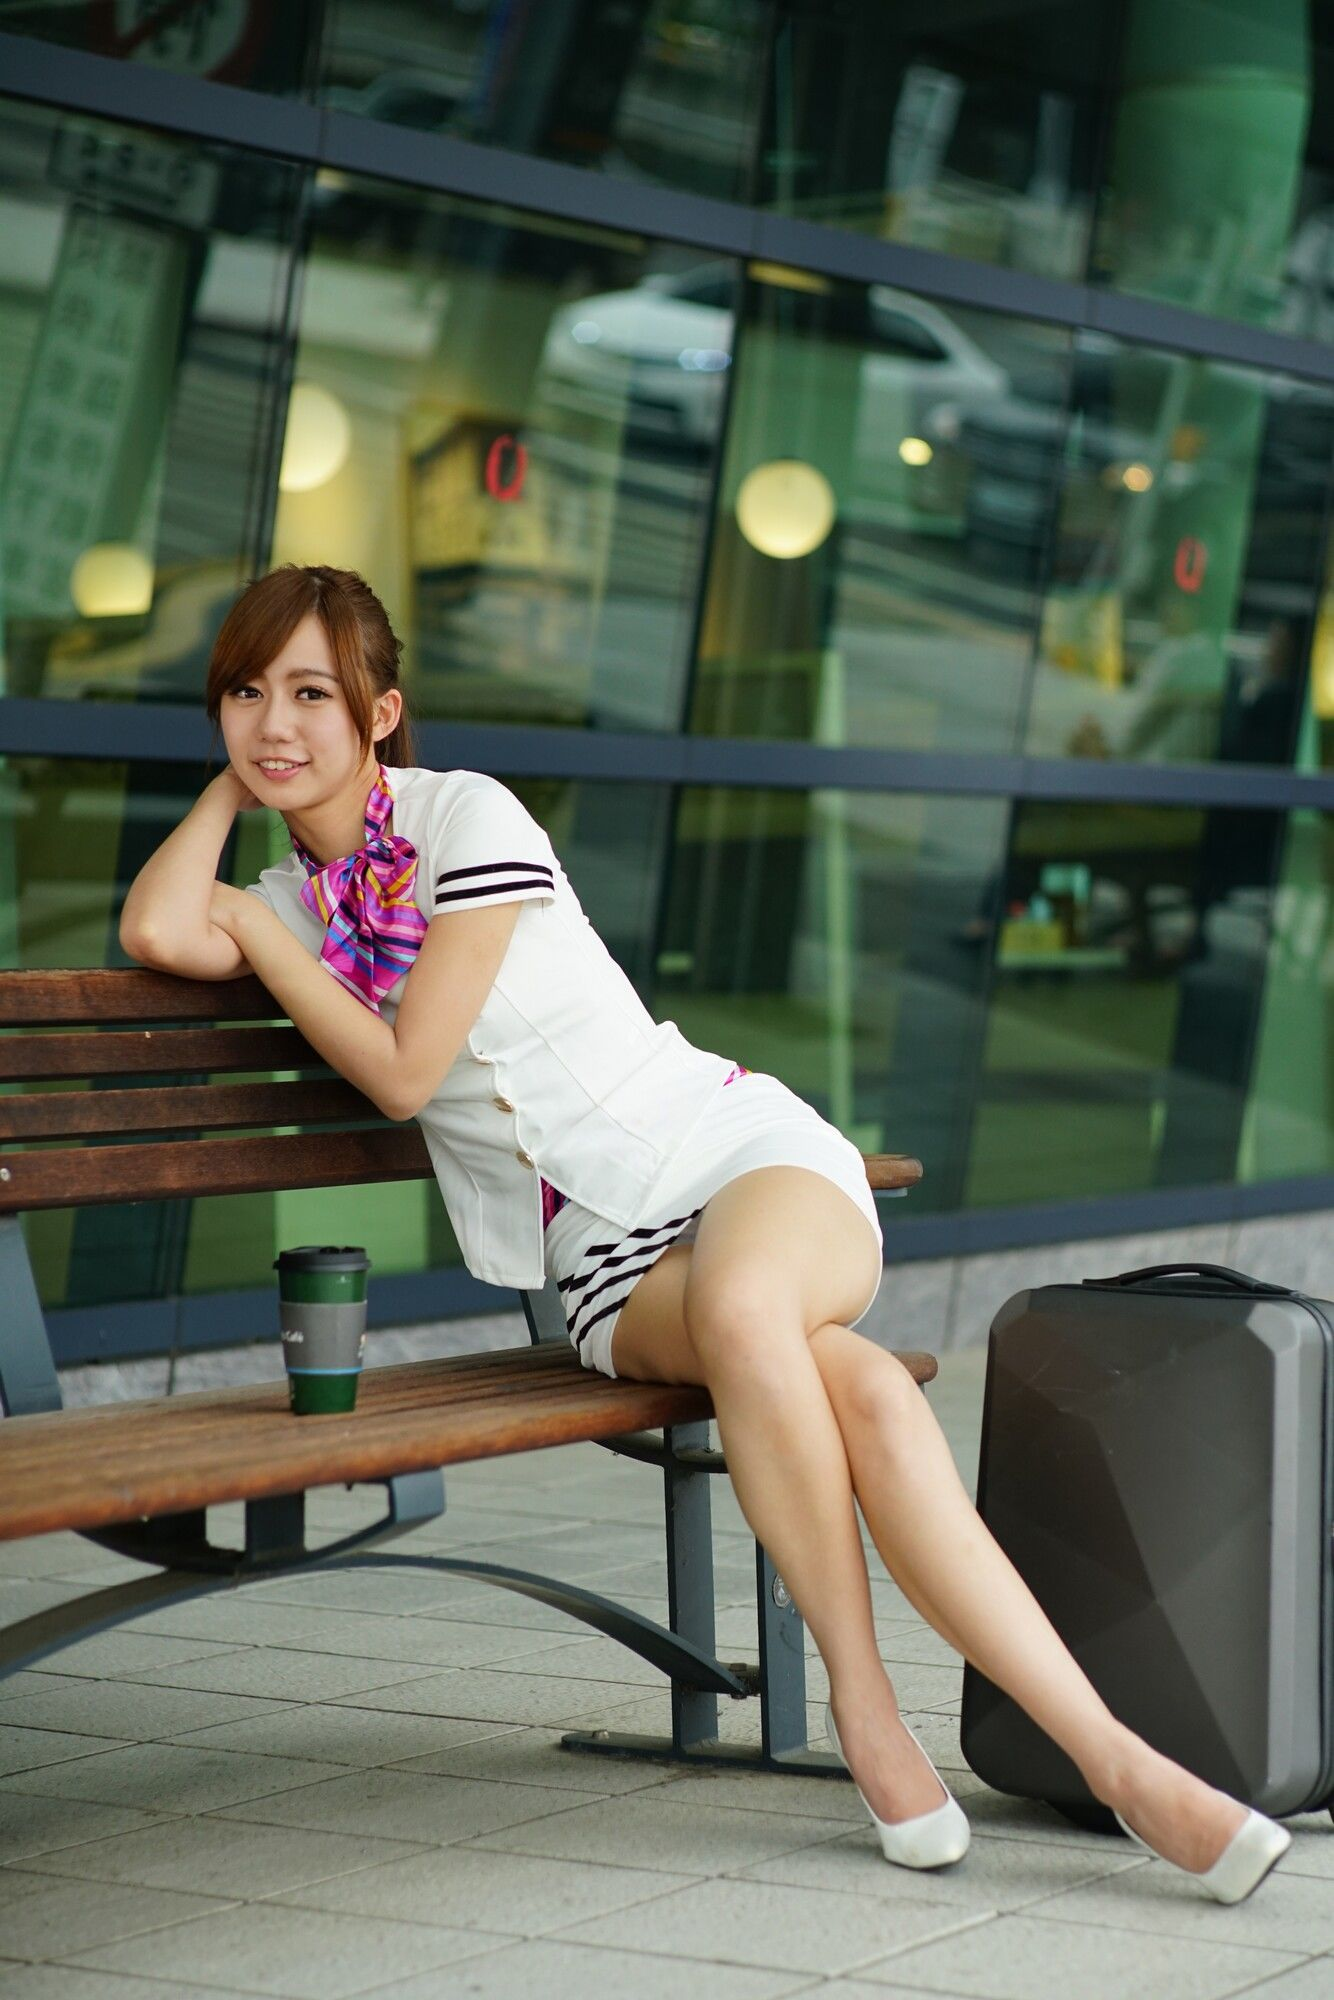 VOL.159 [台湾正妹]街拍正妹空姐制服街拍美臀:张菁菁Arlena(张菁菁Arlena)超高清个人性感漂亮大图(100P)